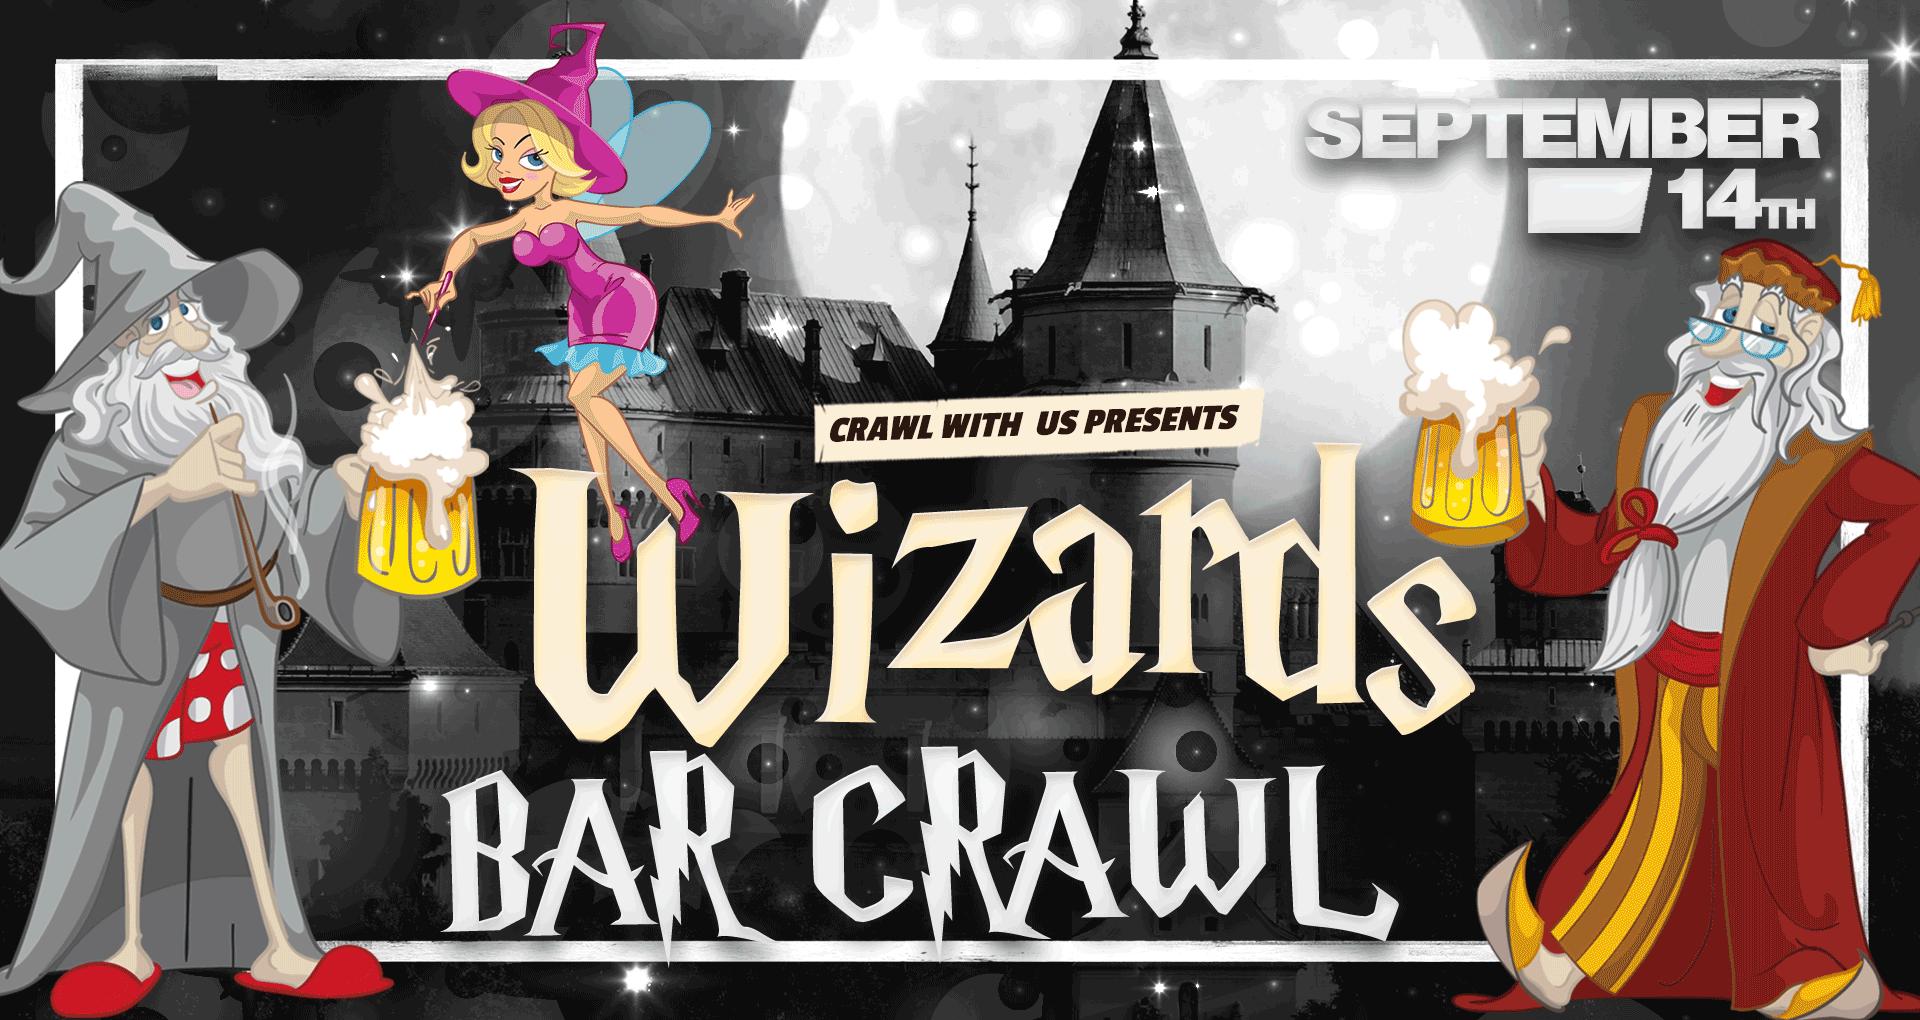 2018-09-14---1920x1020-WizardsBarCrawl.png